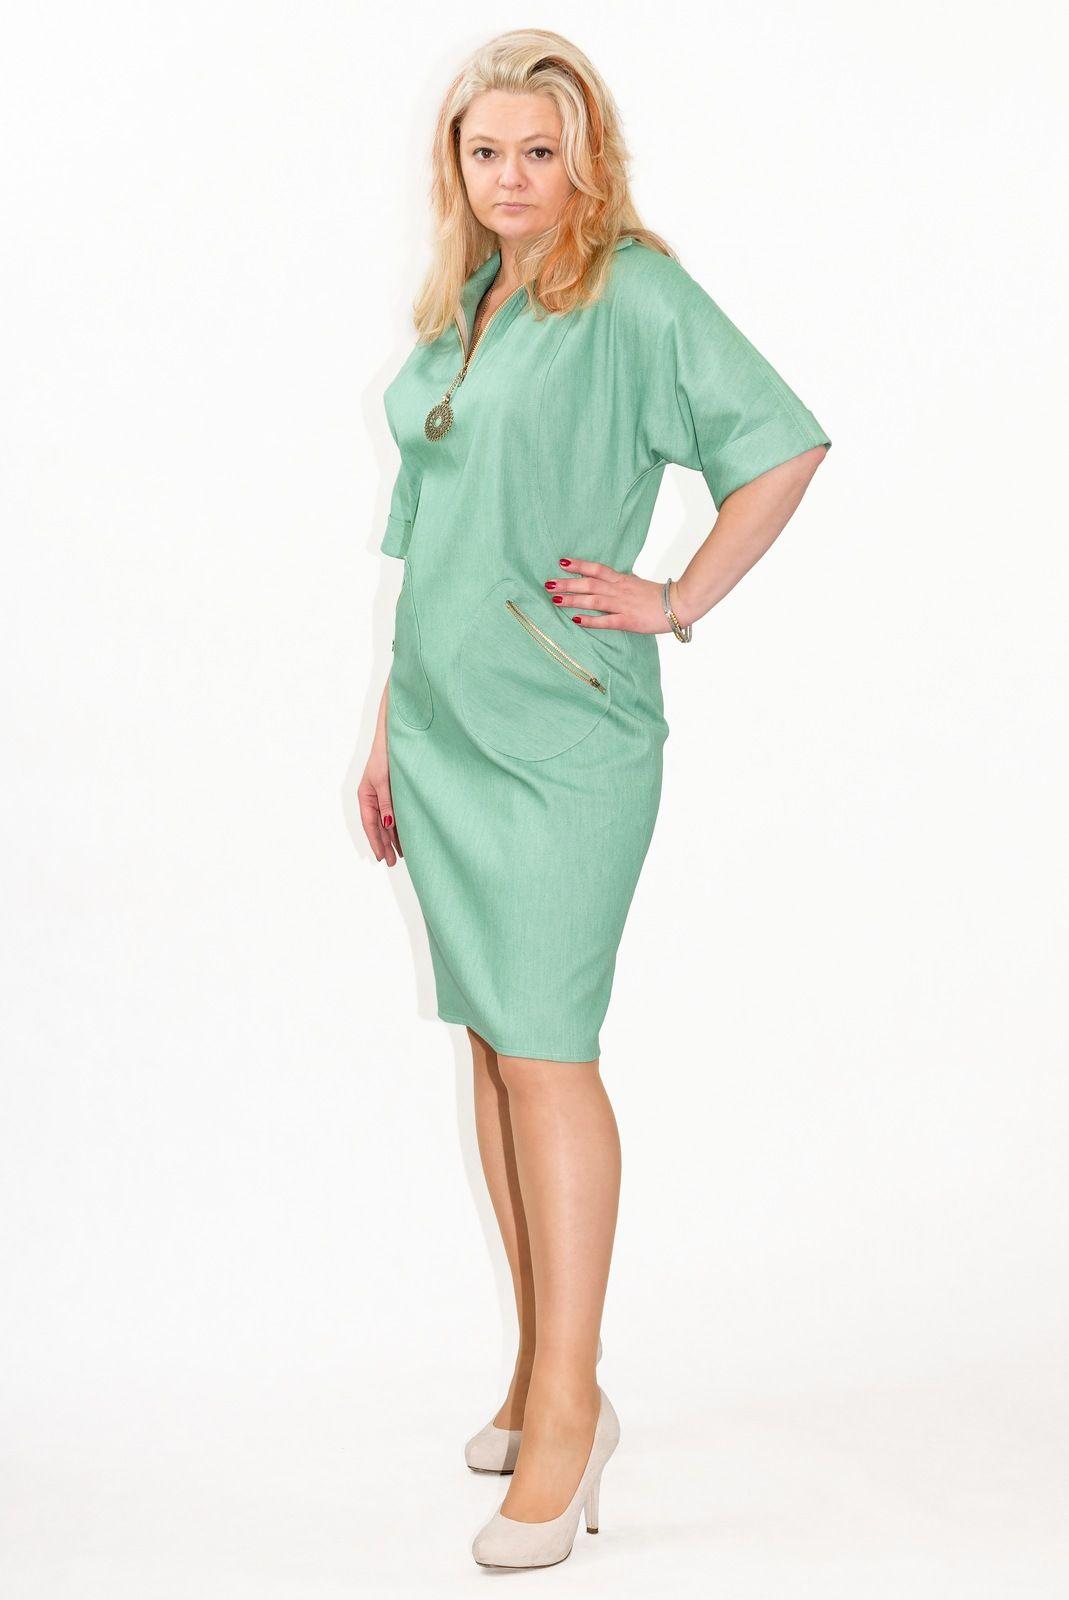 ff749fd045  elegancka  sukienka  xxl  plus  size Larissa2  duże  rozmiary 38 - 52   XELKA  sklep  internetowy  online